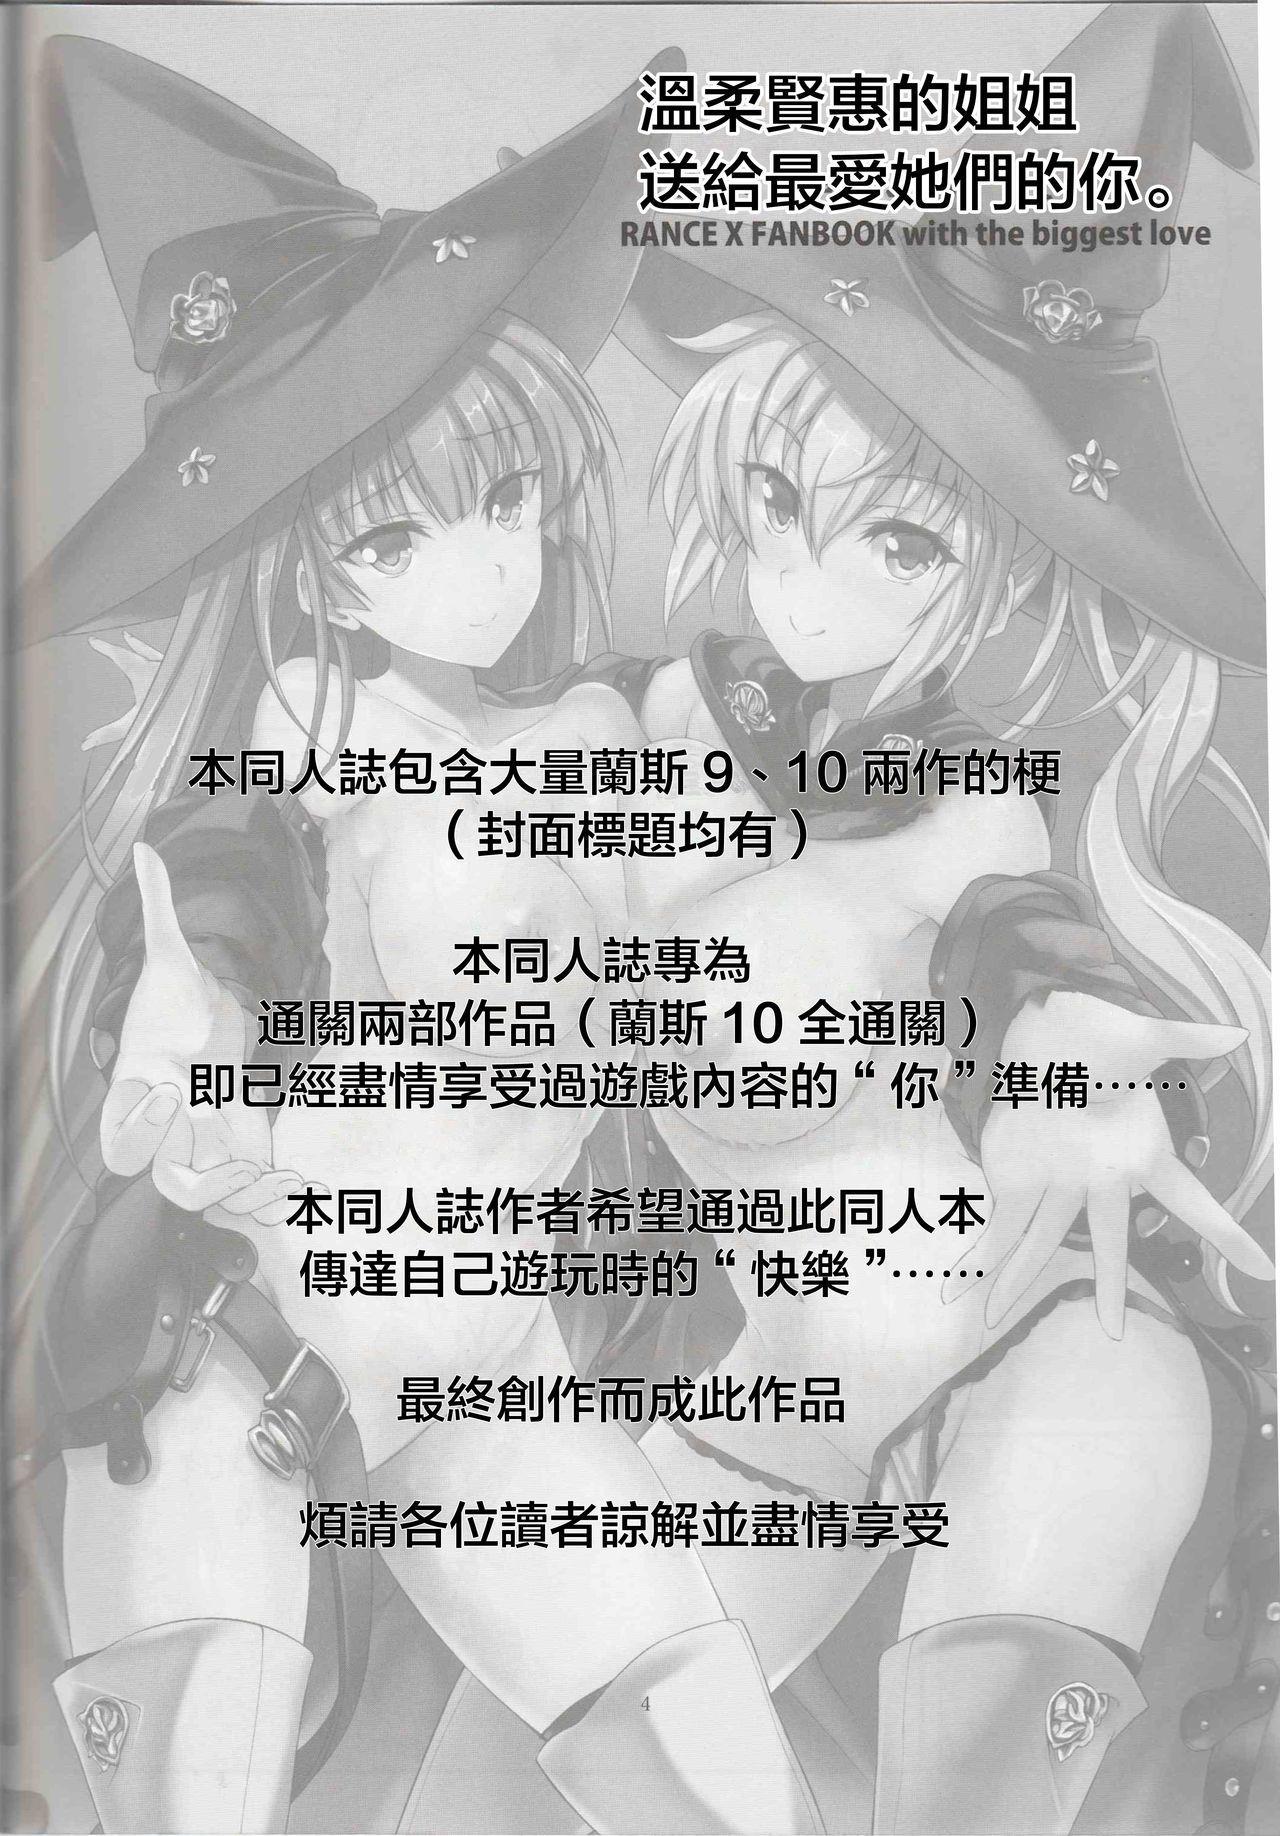 Anata no, Yasashikute Daisuki na Onee-chans.   溫柔賢惠的姐姐 送給最愛她們的你。 3